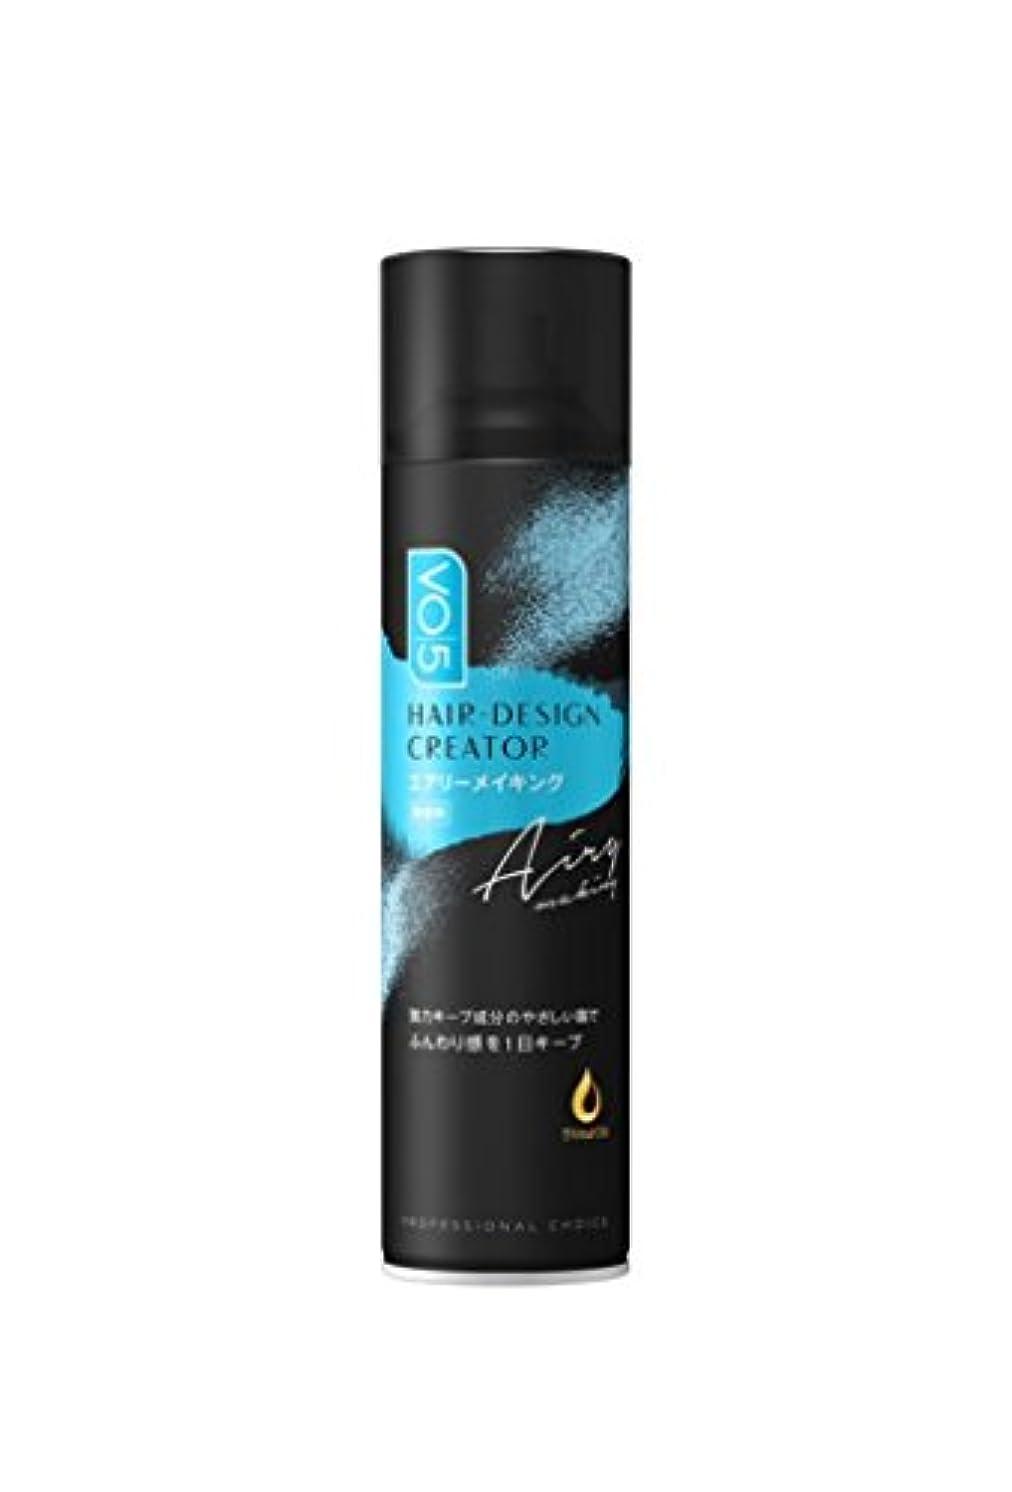 外交アンビエントダイアクリティカルVO5ヘアデザインクリエイター[エアリーメイキング]無香料160g